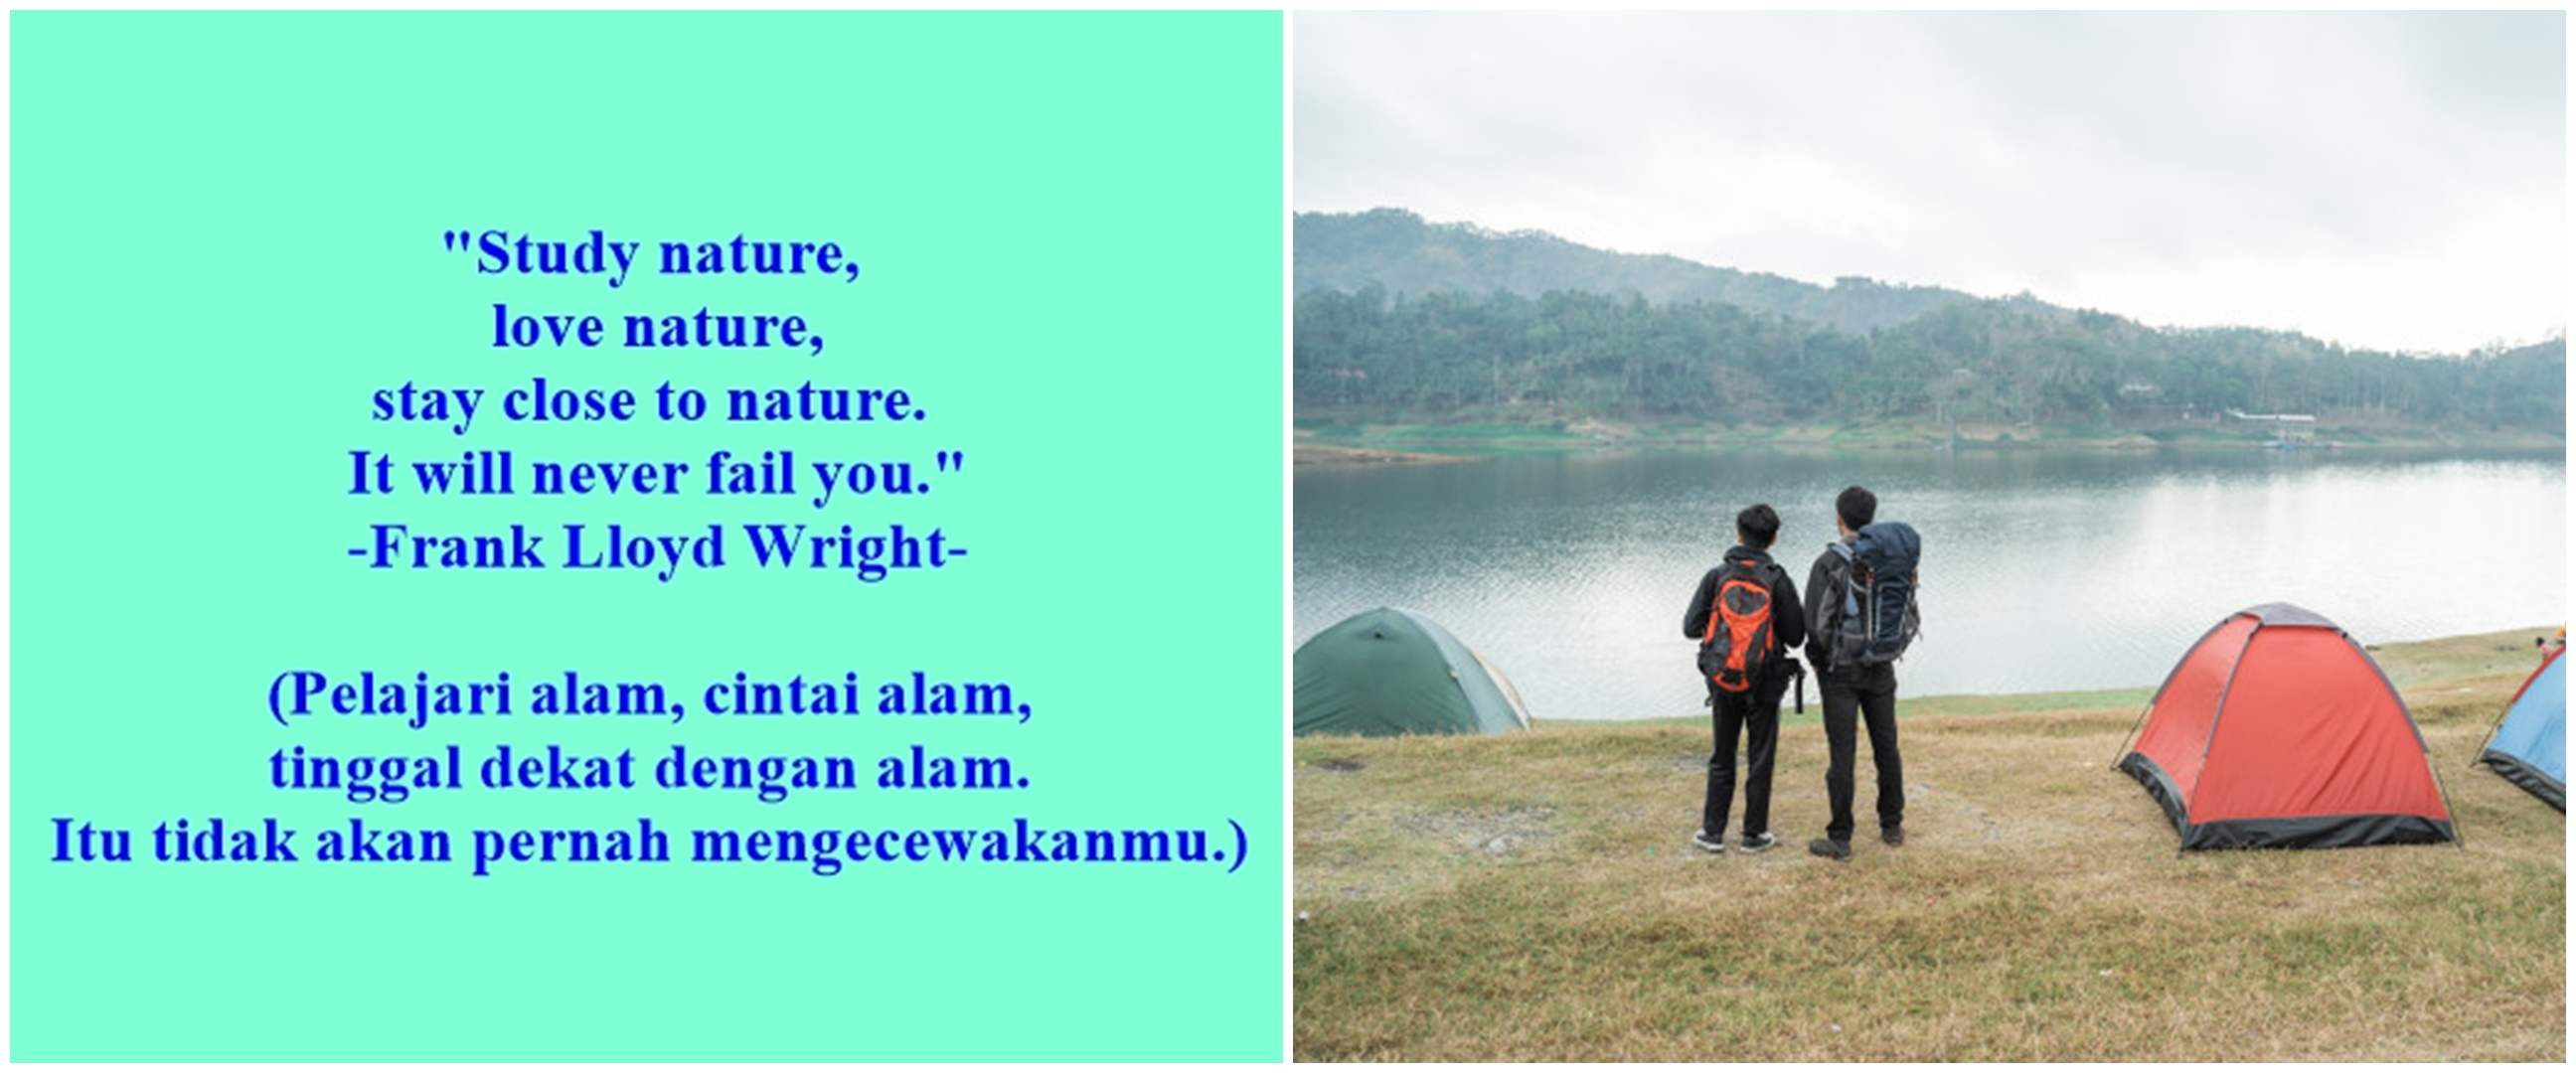 40 Kata-kata keren bahasa Inggris tentang alam, cocok untuk caption